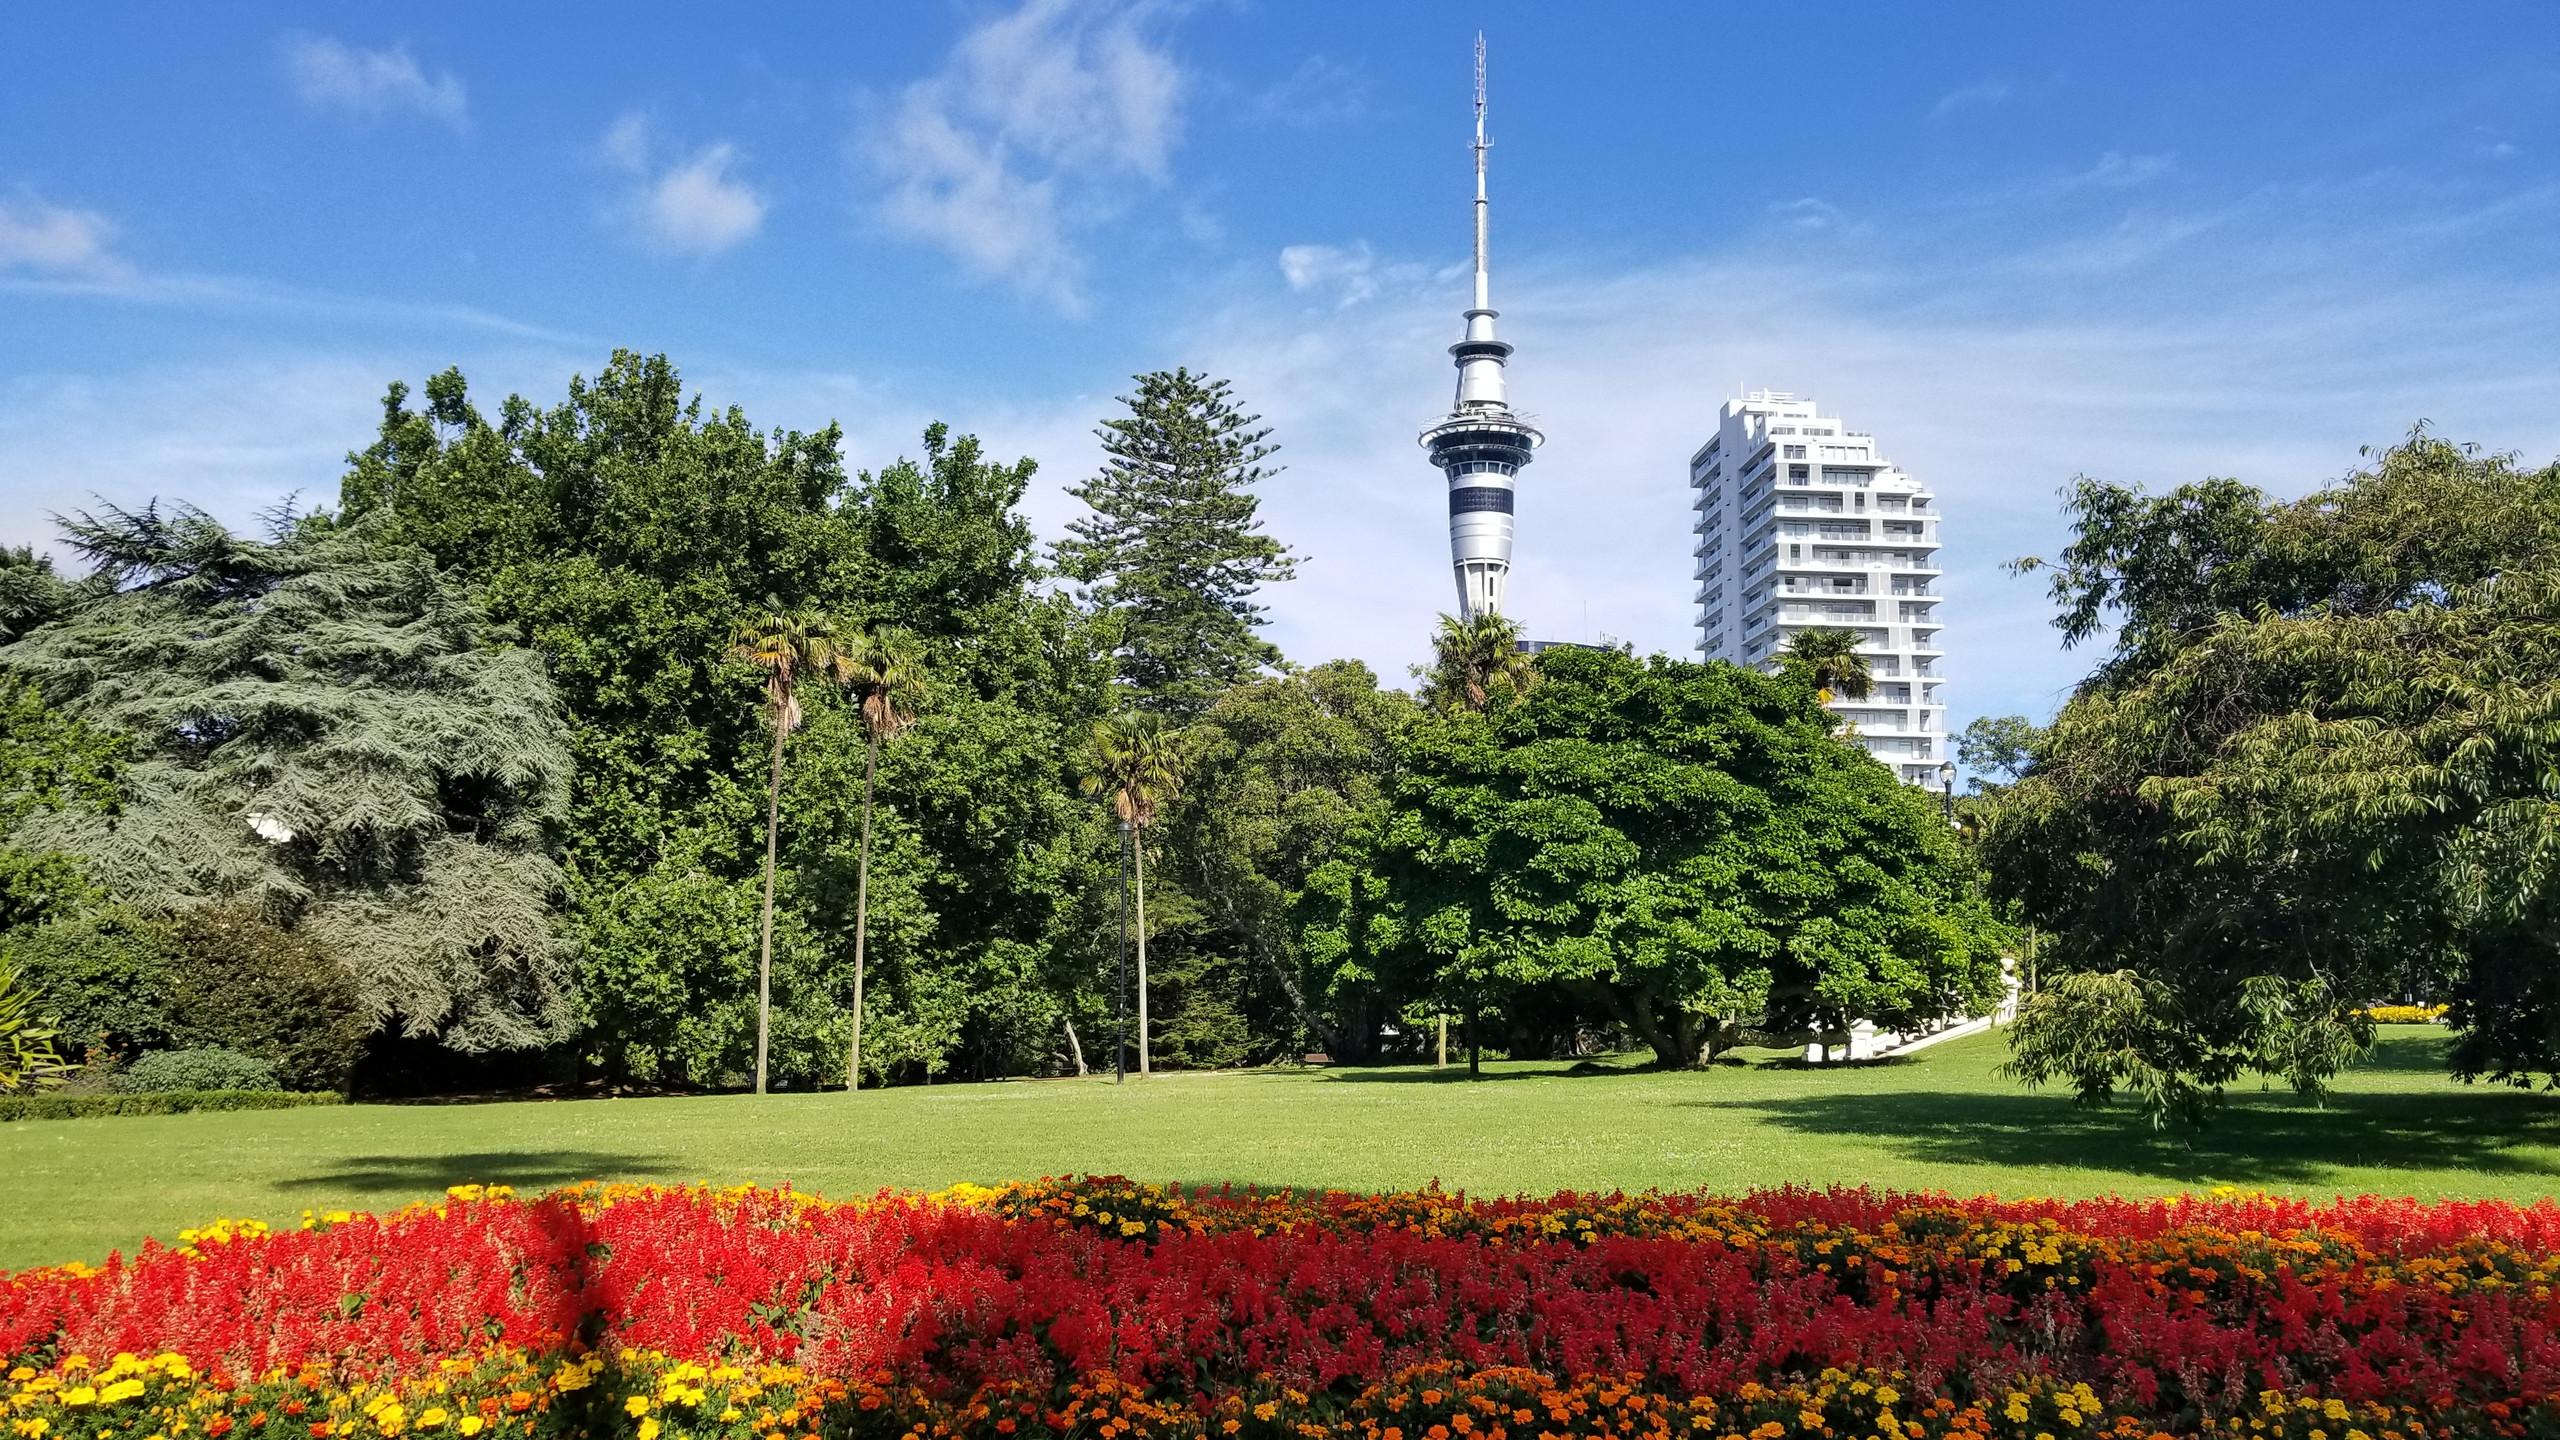 Albert park, Auckland, New Zealand attractions, New Zealand activities